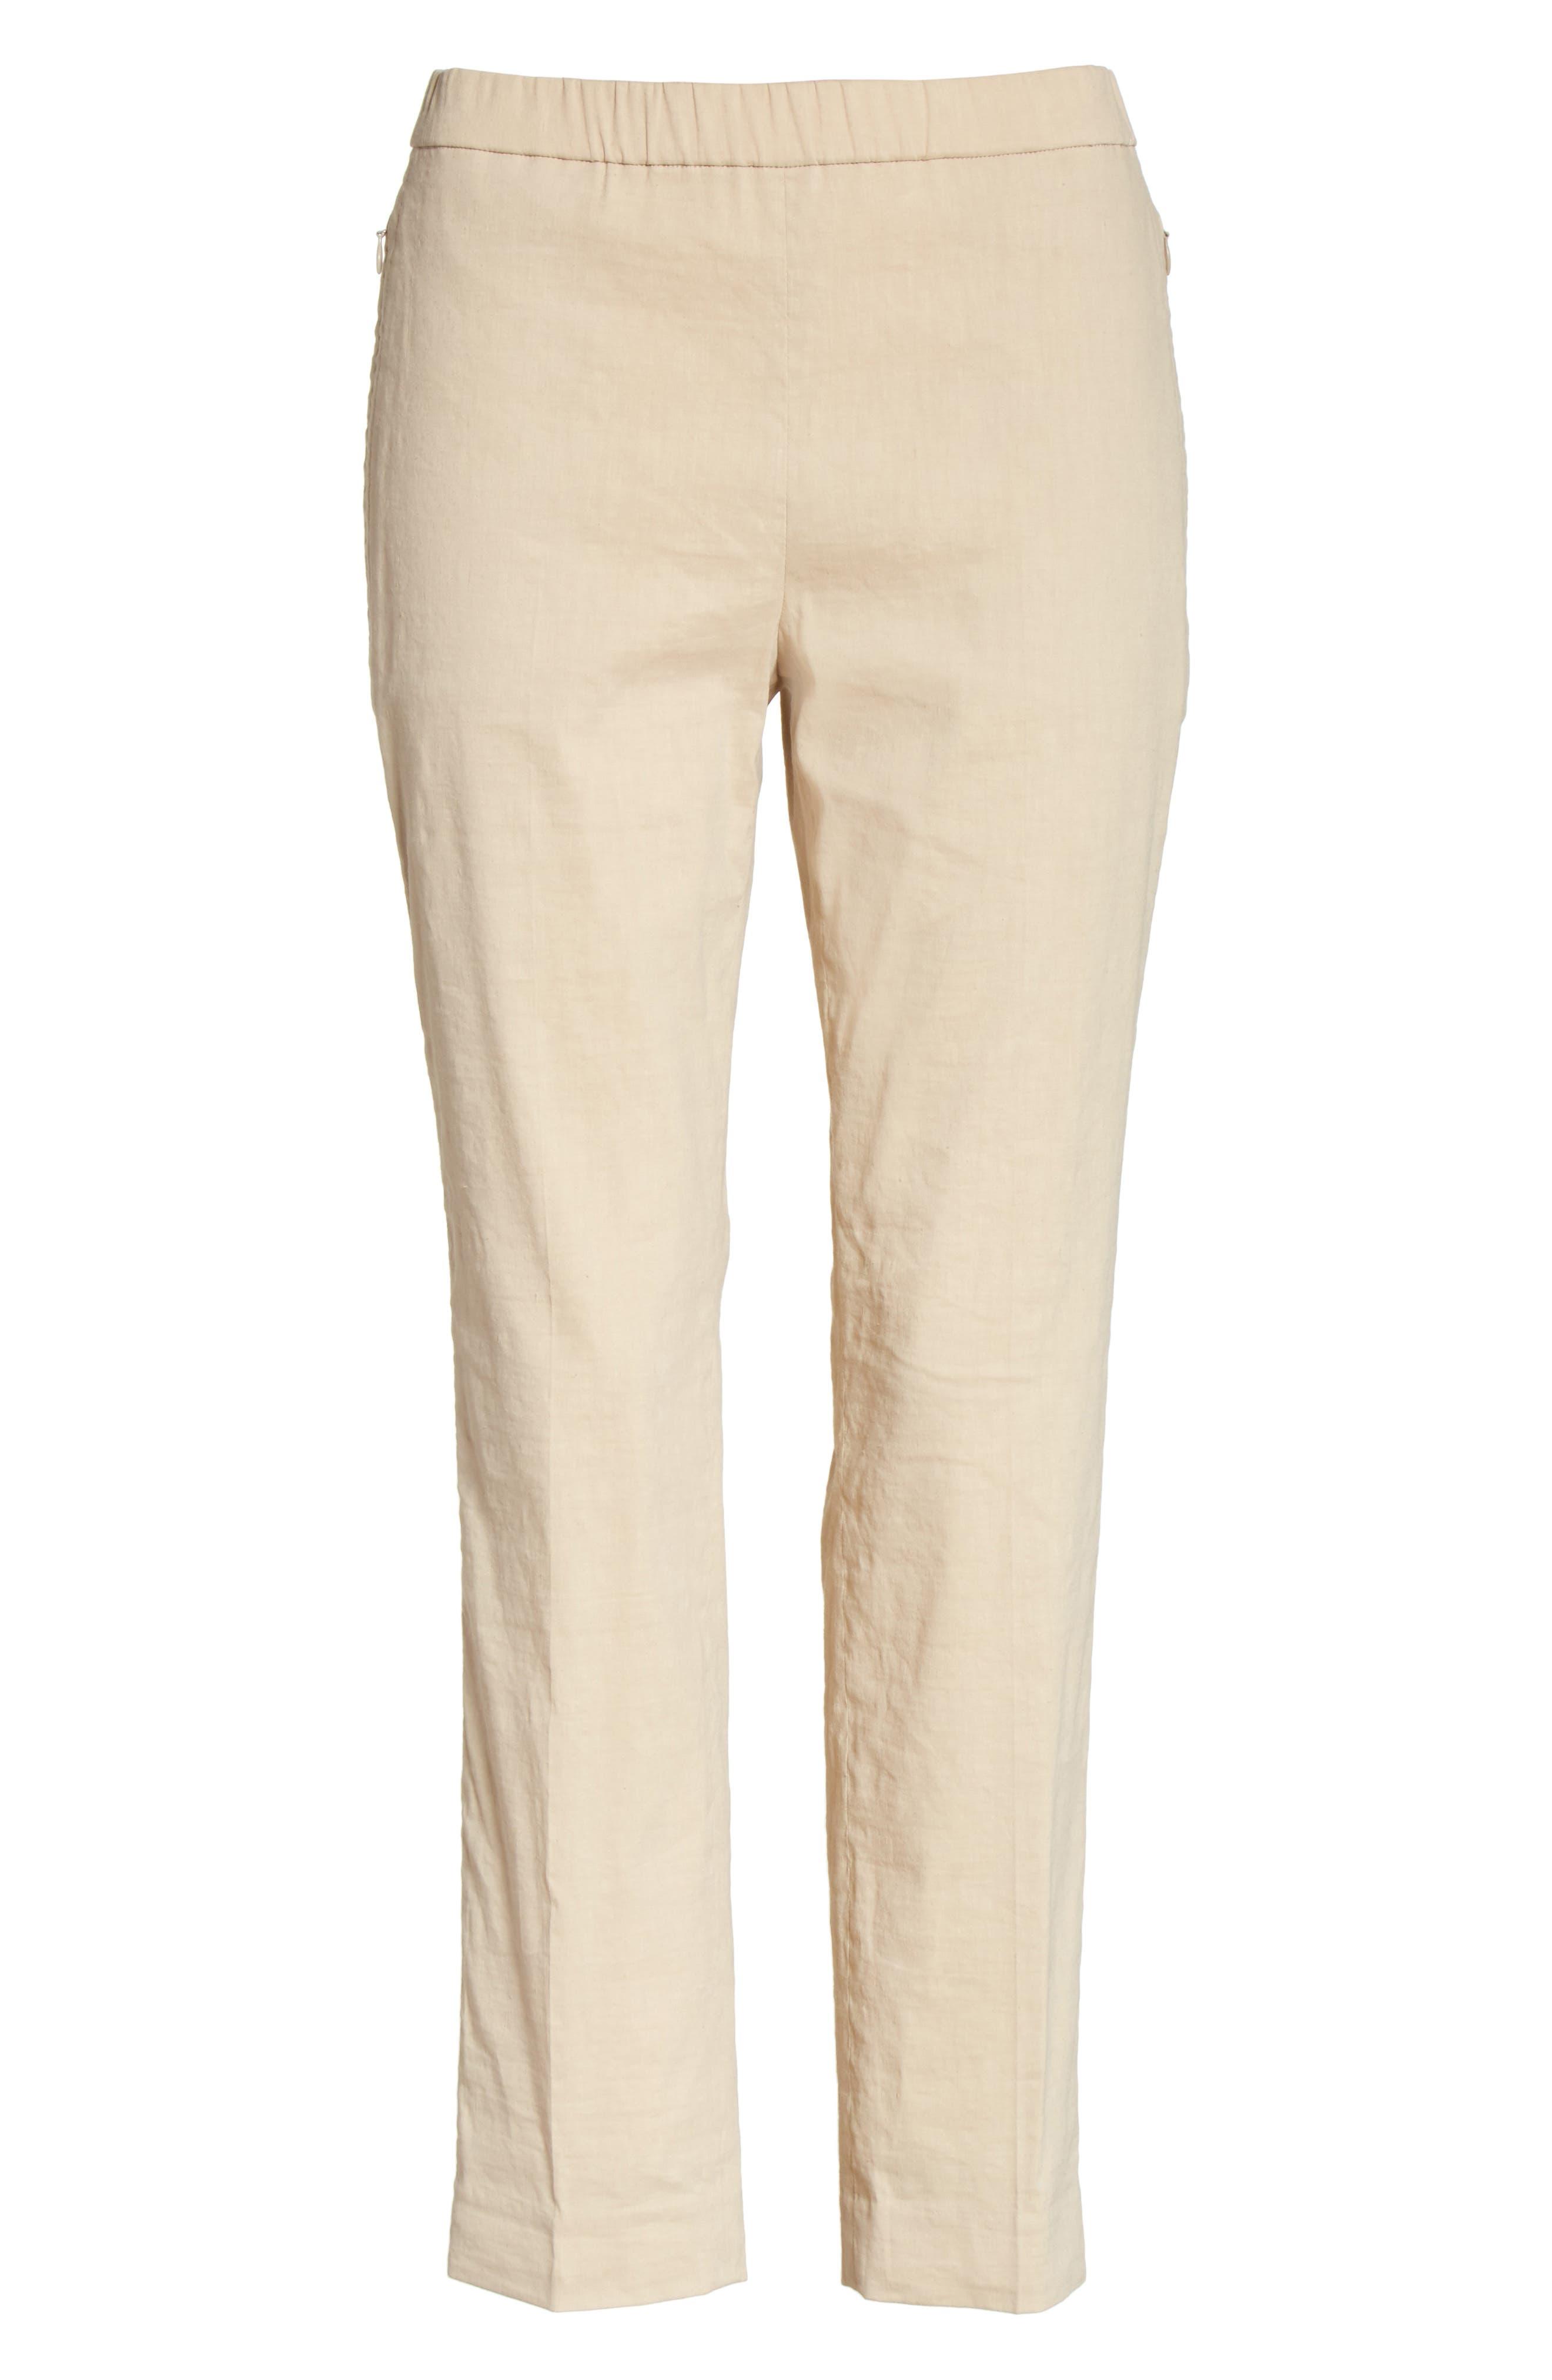 Pull-On Linen Blend Pants,                             Alternate thumbnail 3, color,                             Light Wheat